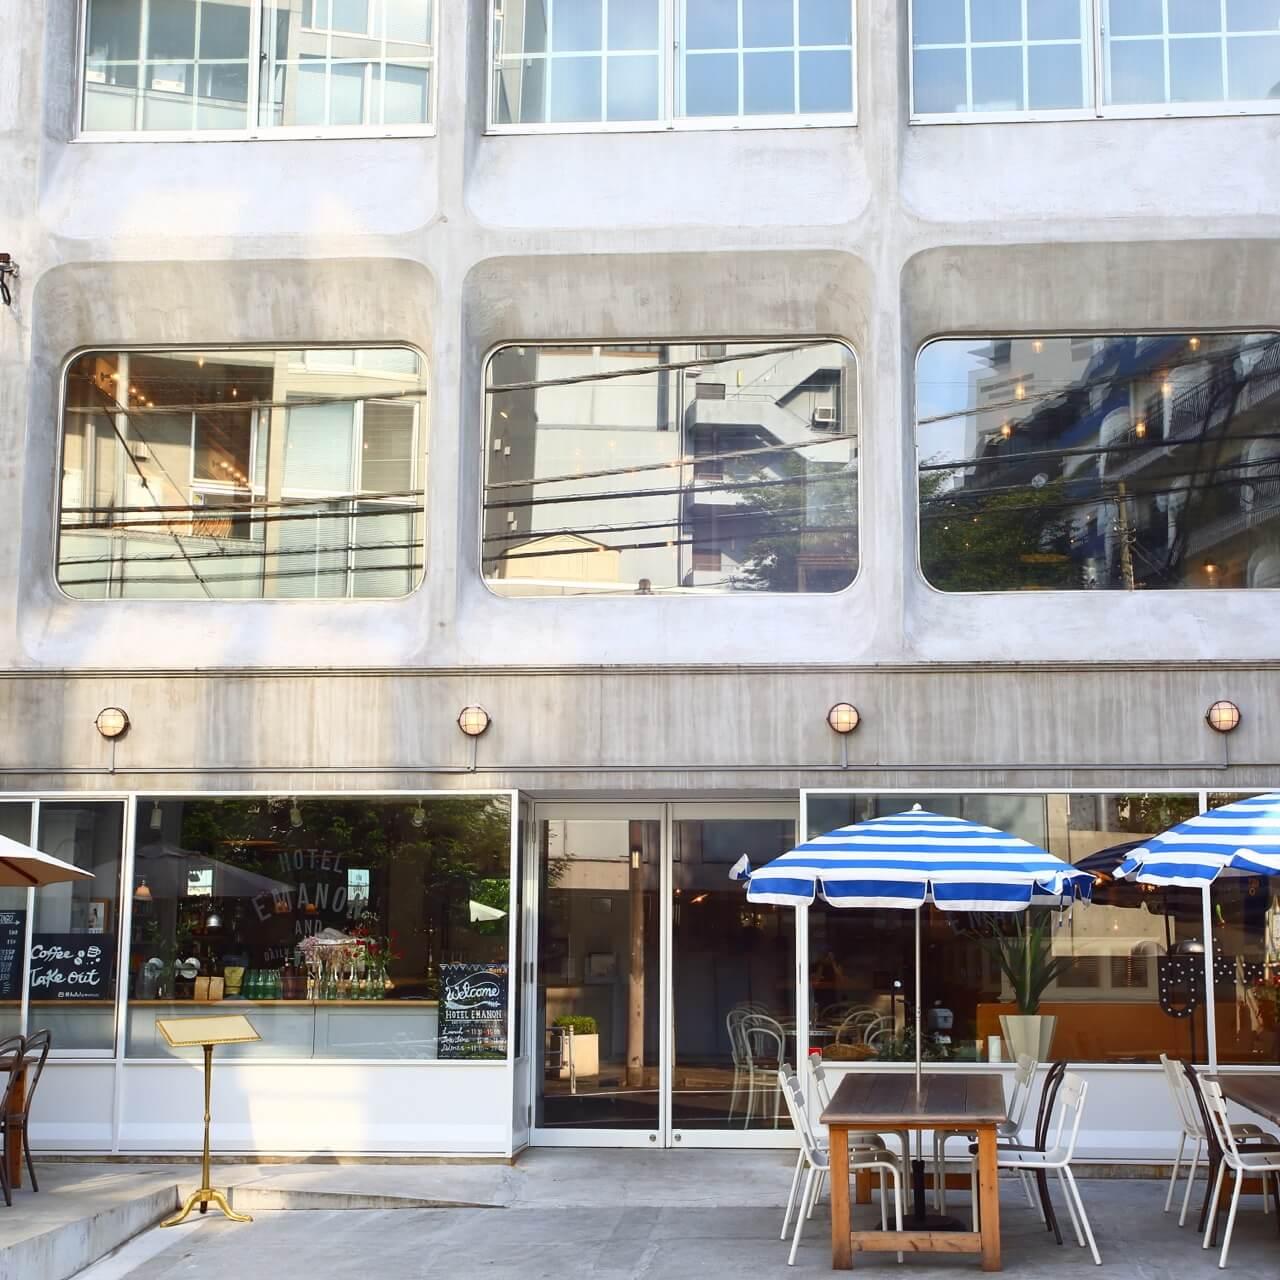 渋谷なのに静かなカフェ。都会の喧噪を忘れられる渋谷の穴場カフェまとめ